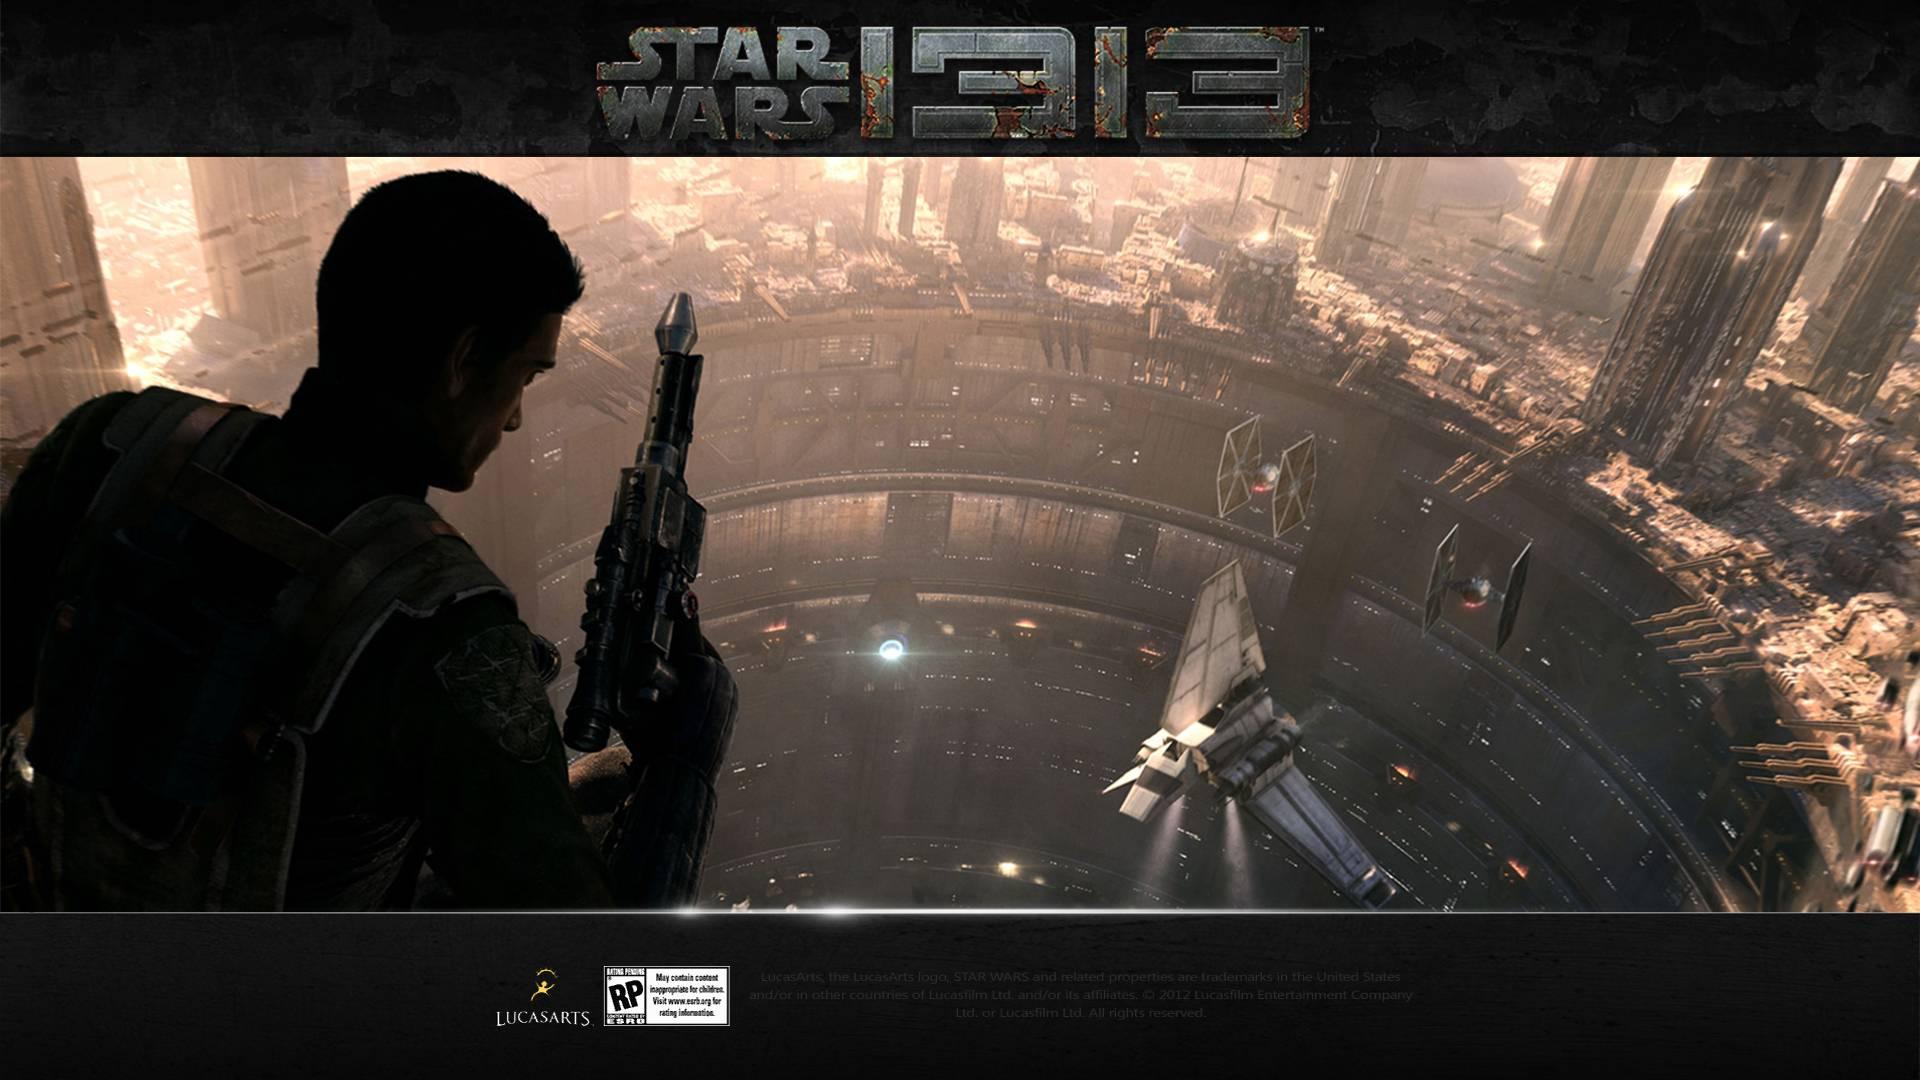 star-wars-1313-hd-wallpaper